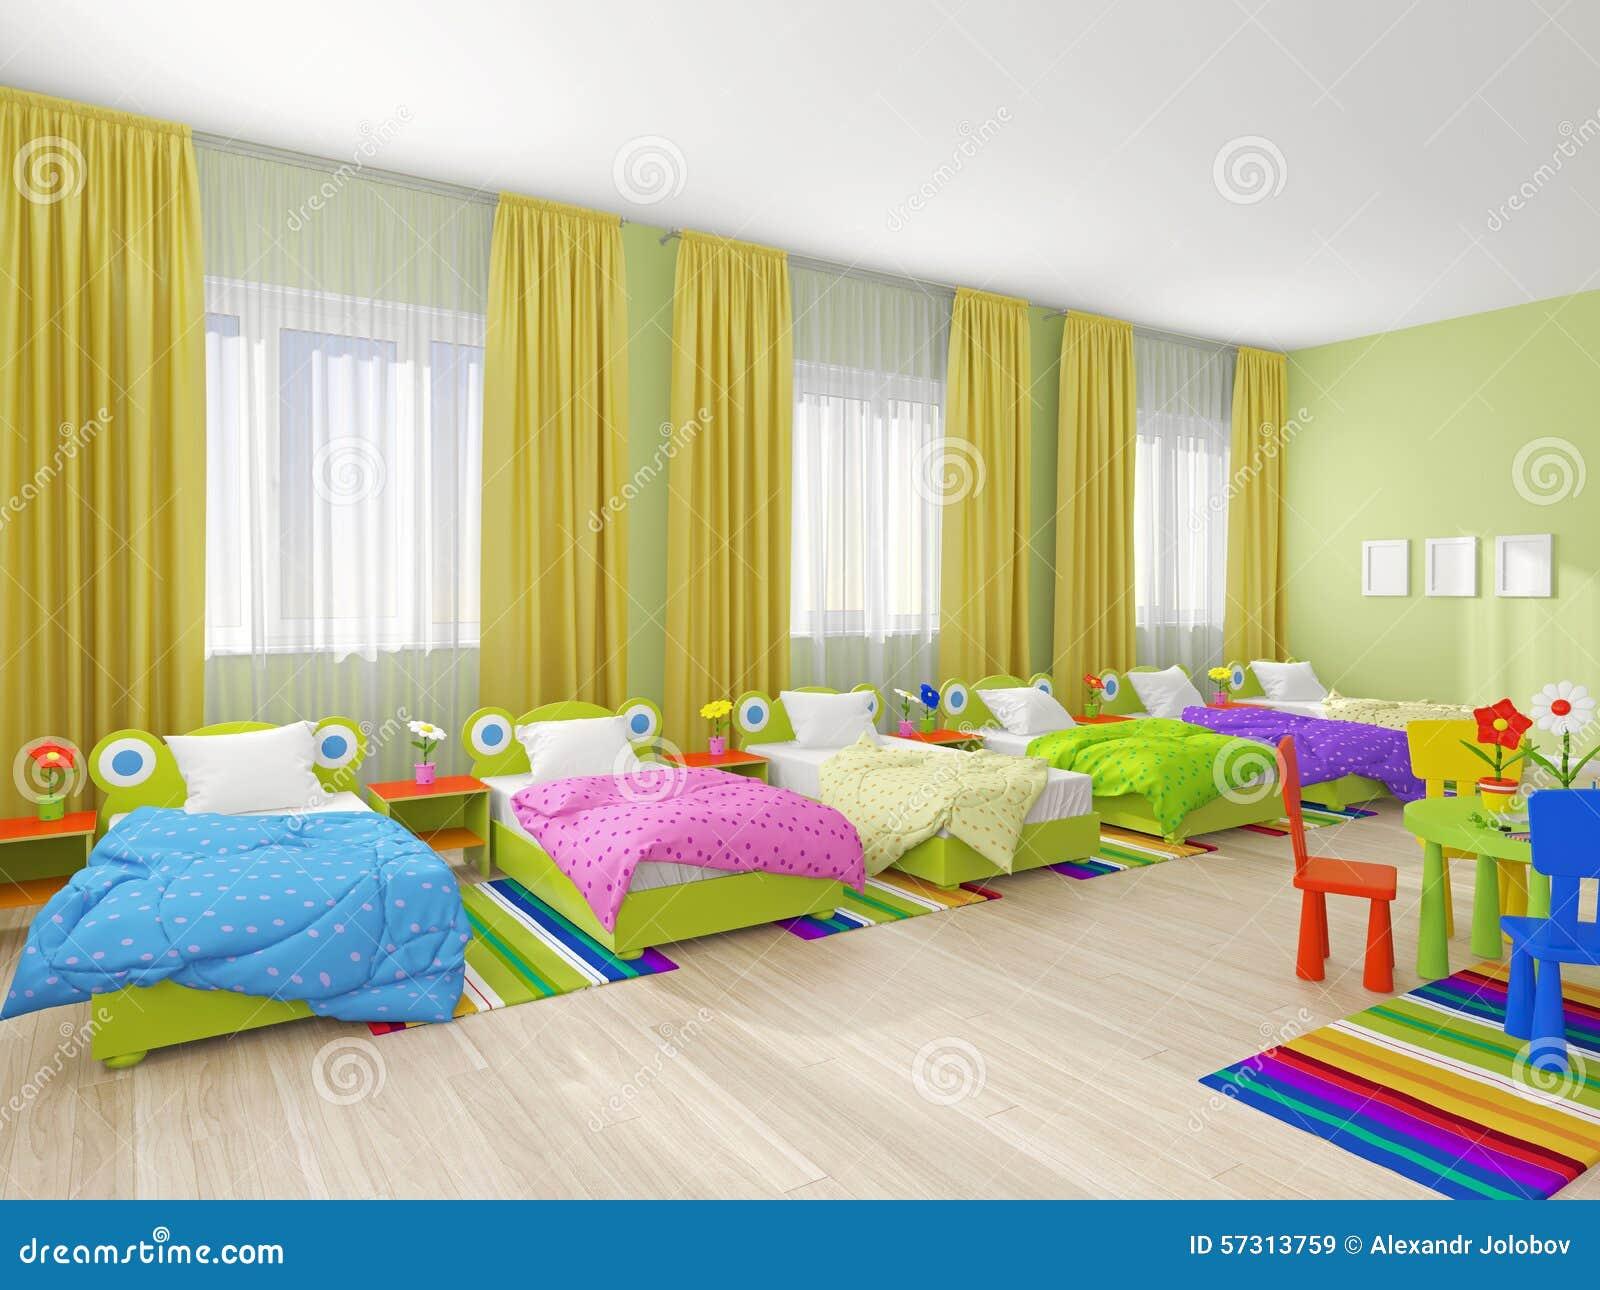 Bedroom interior in kindergarten